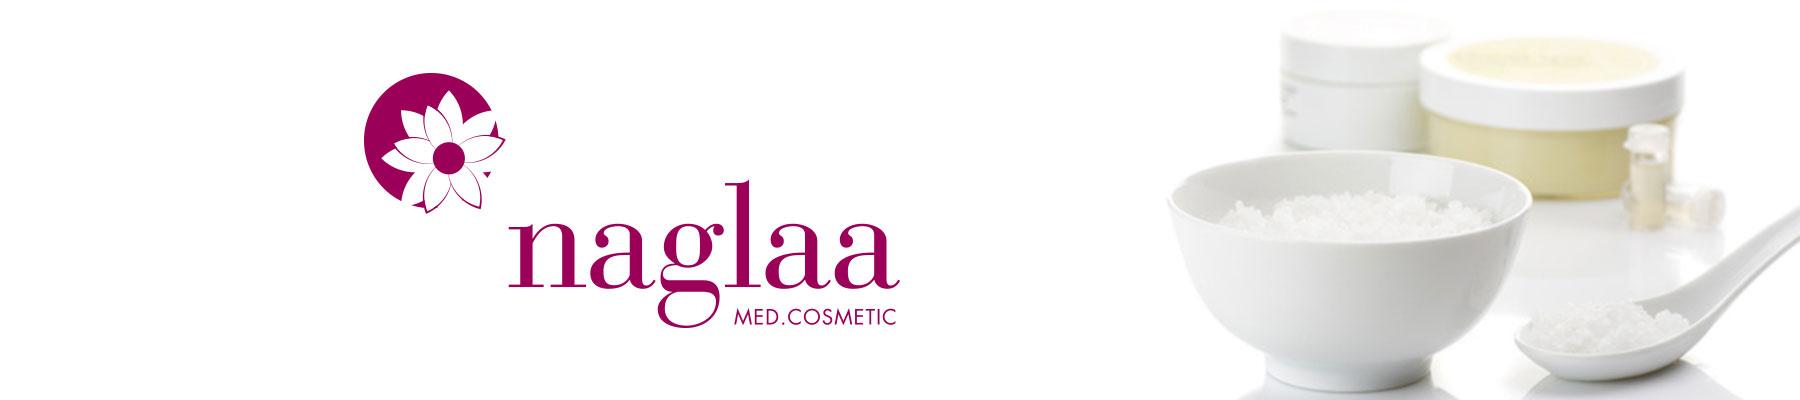 Wir arbeiten ausschließlich mit hochwertigen und dermatologisch getesteten Pflegeprodukten